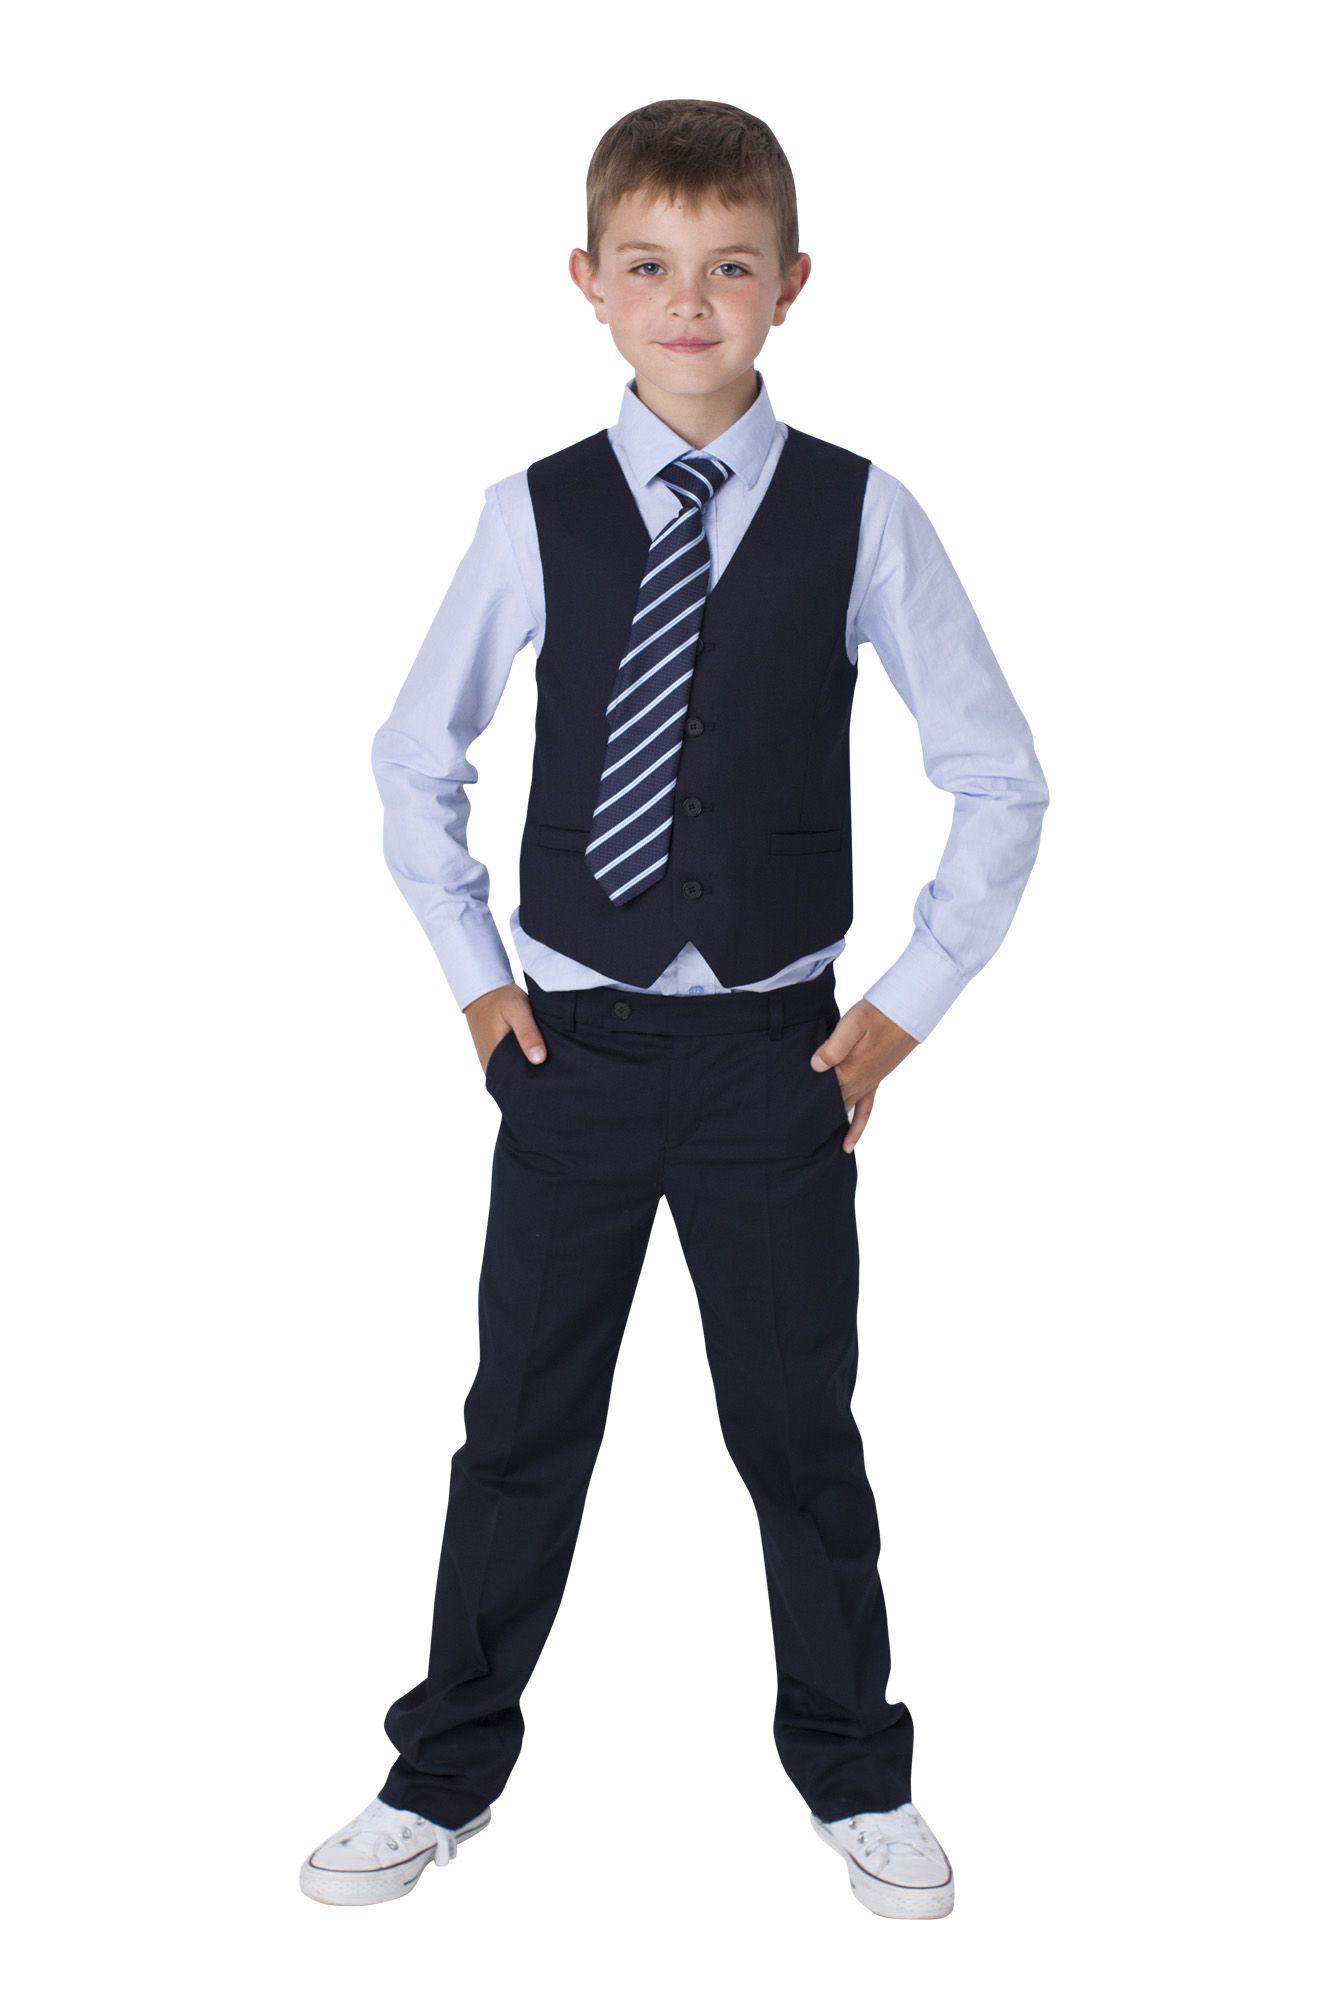 одевается в школу картинки